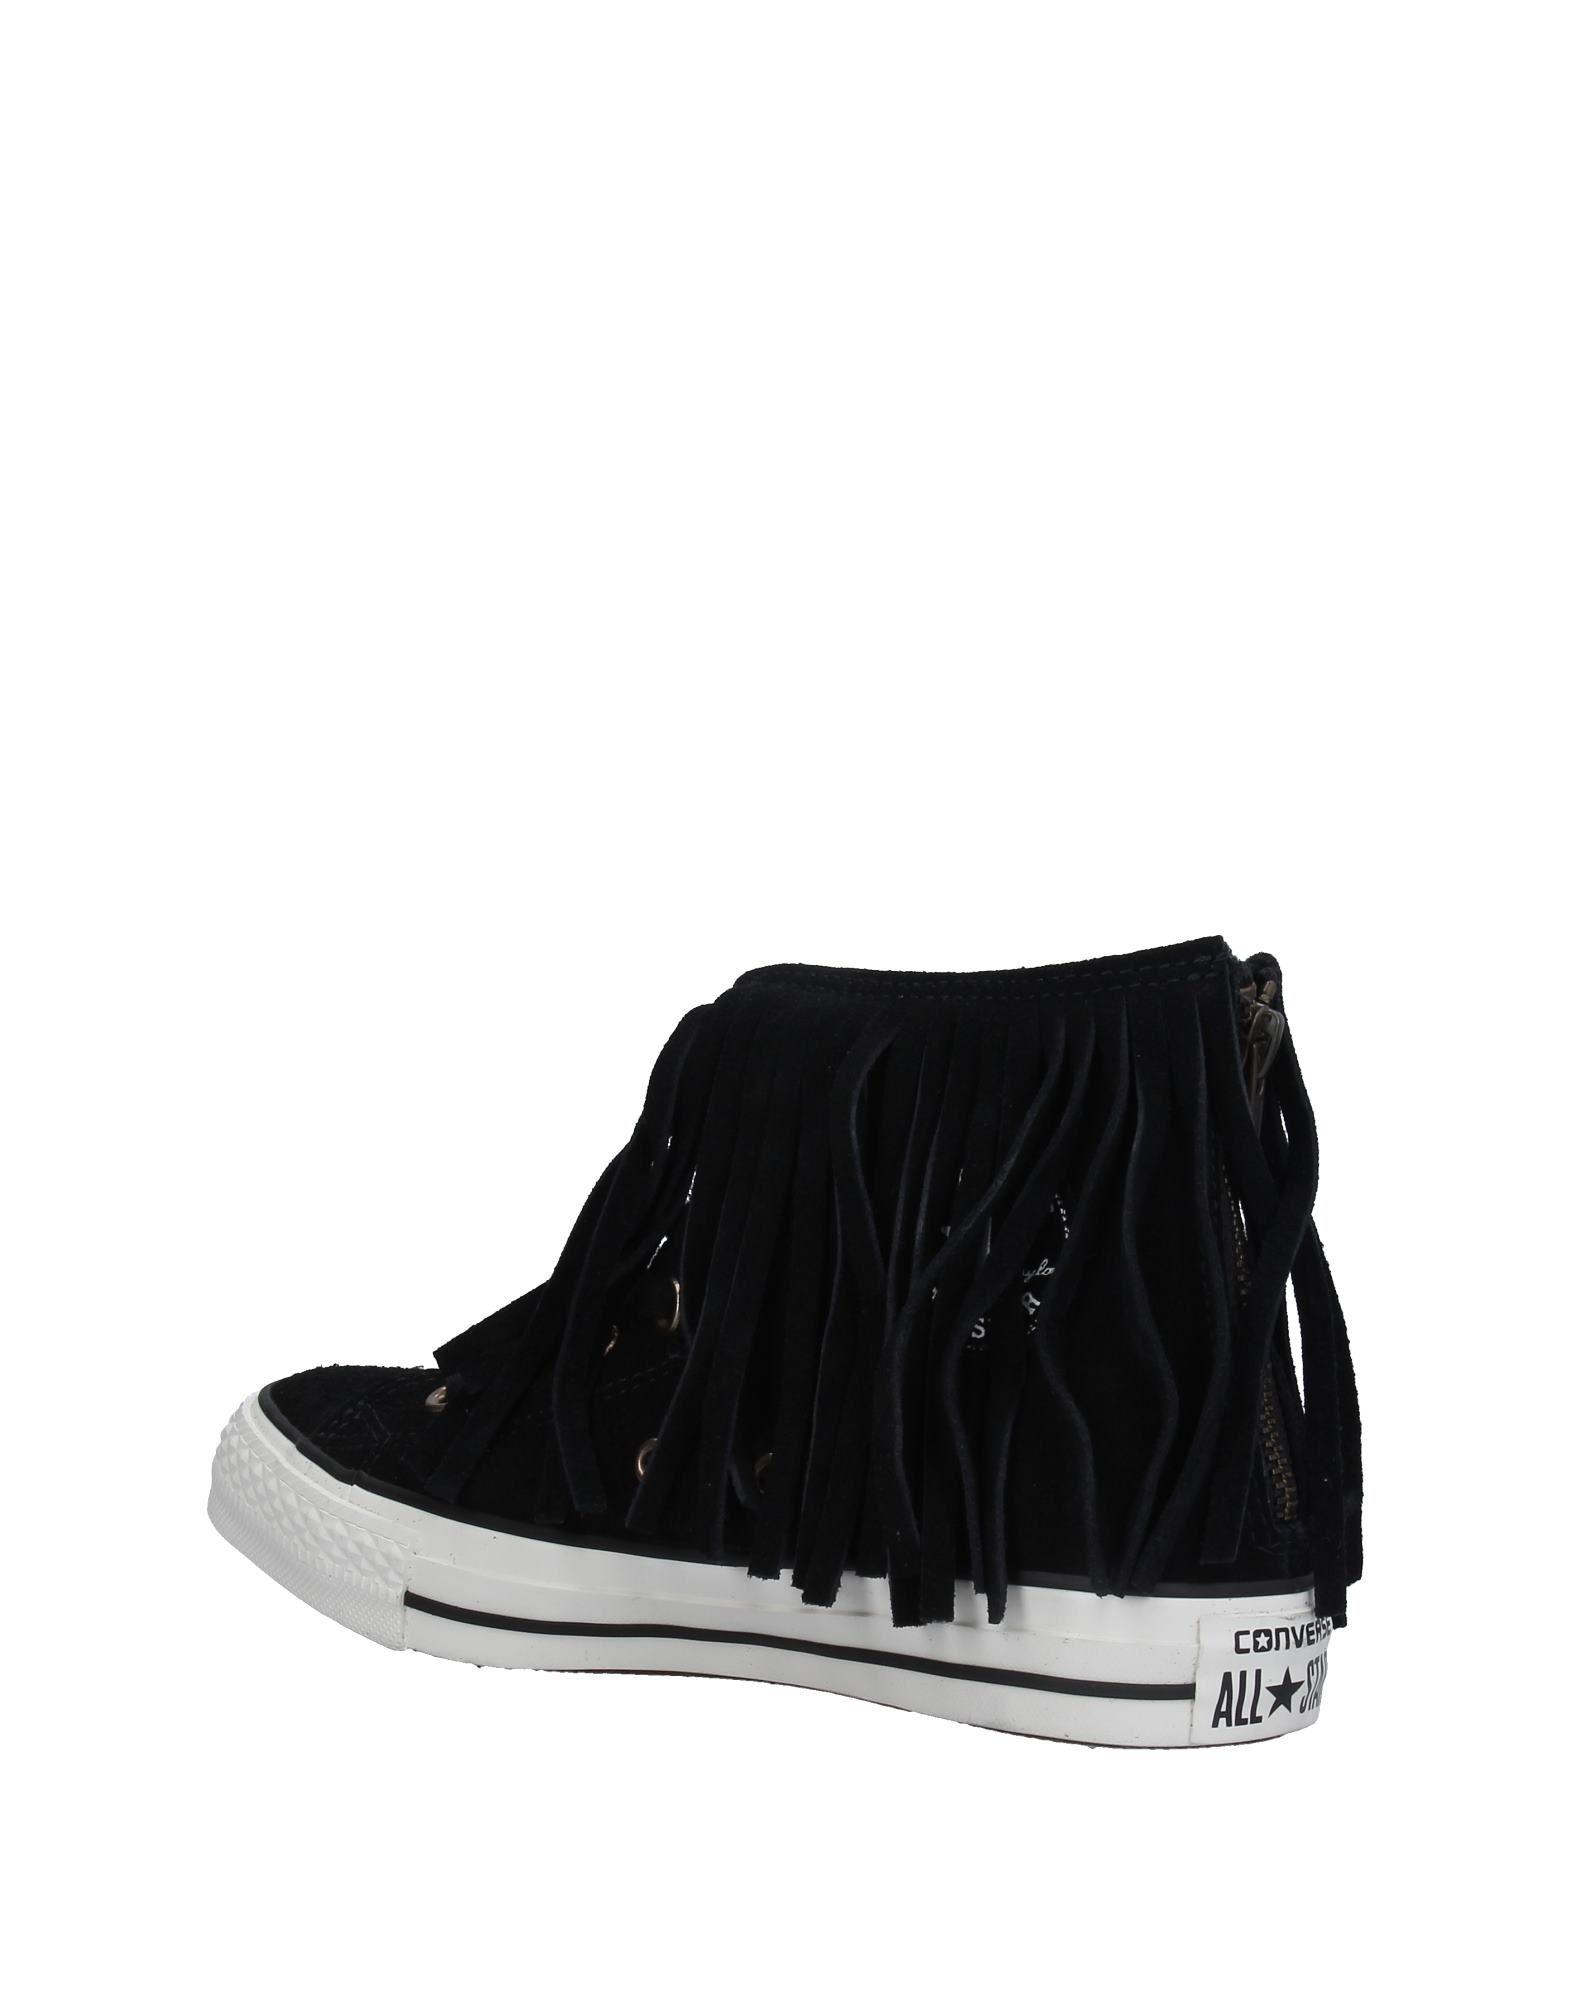 Converse All Star Sneakers Qualität Damen  11309166WT Gute Qualität Sneakers beliebte Schuhe e3072f